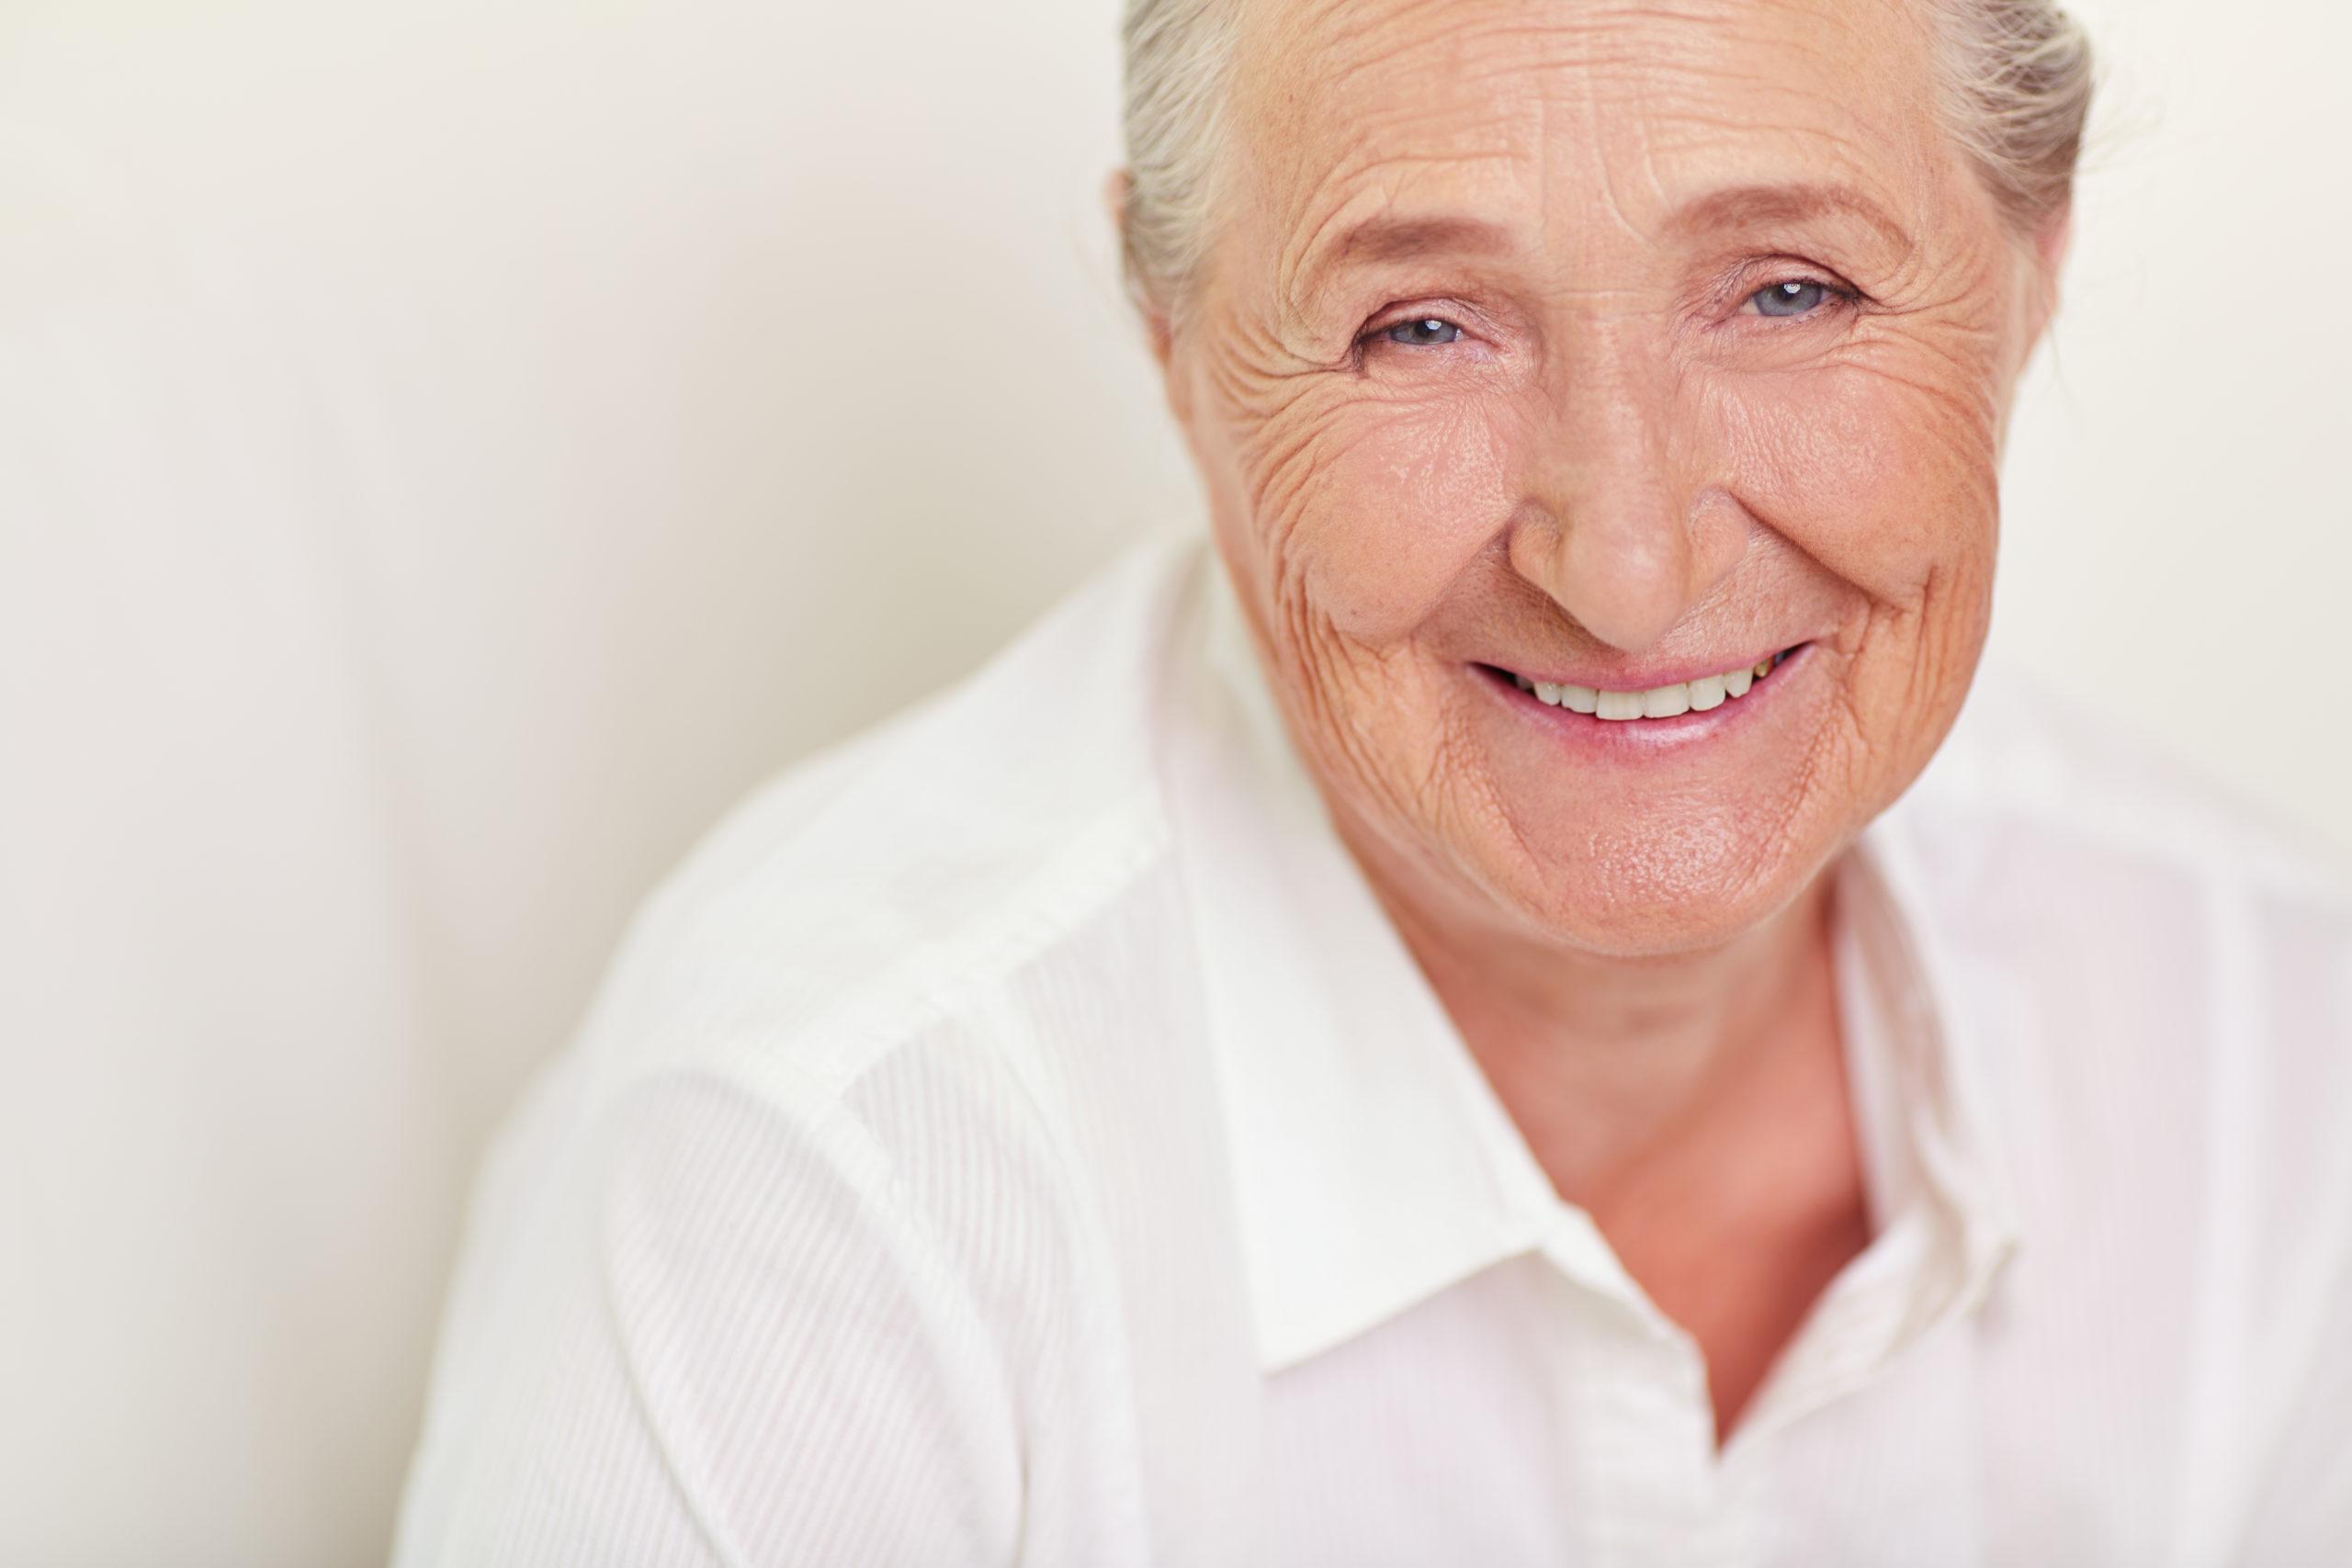 Velhice é doença - artigo prof. Egídio Dórea